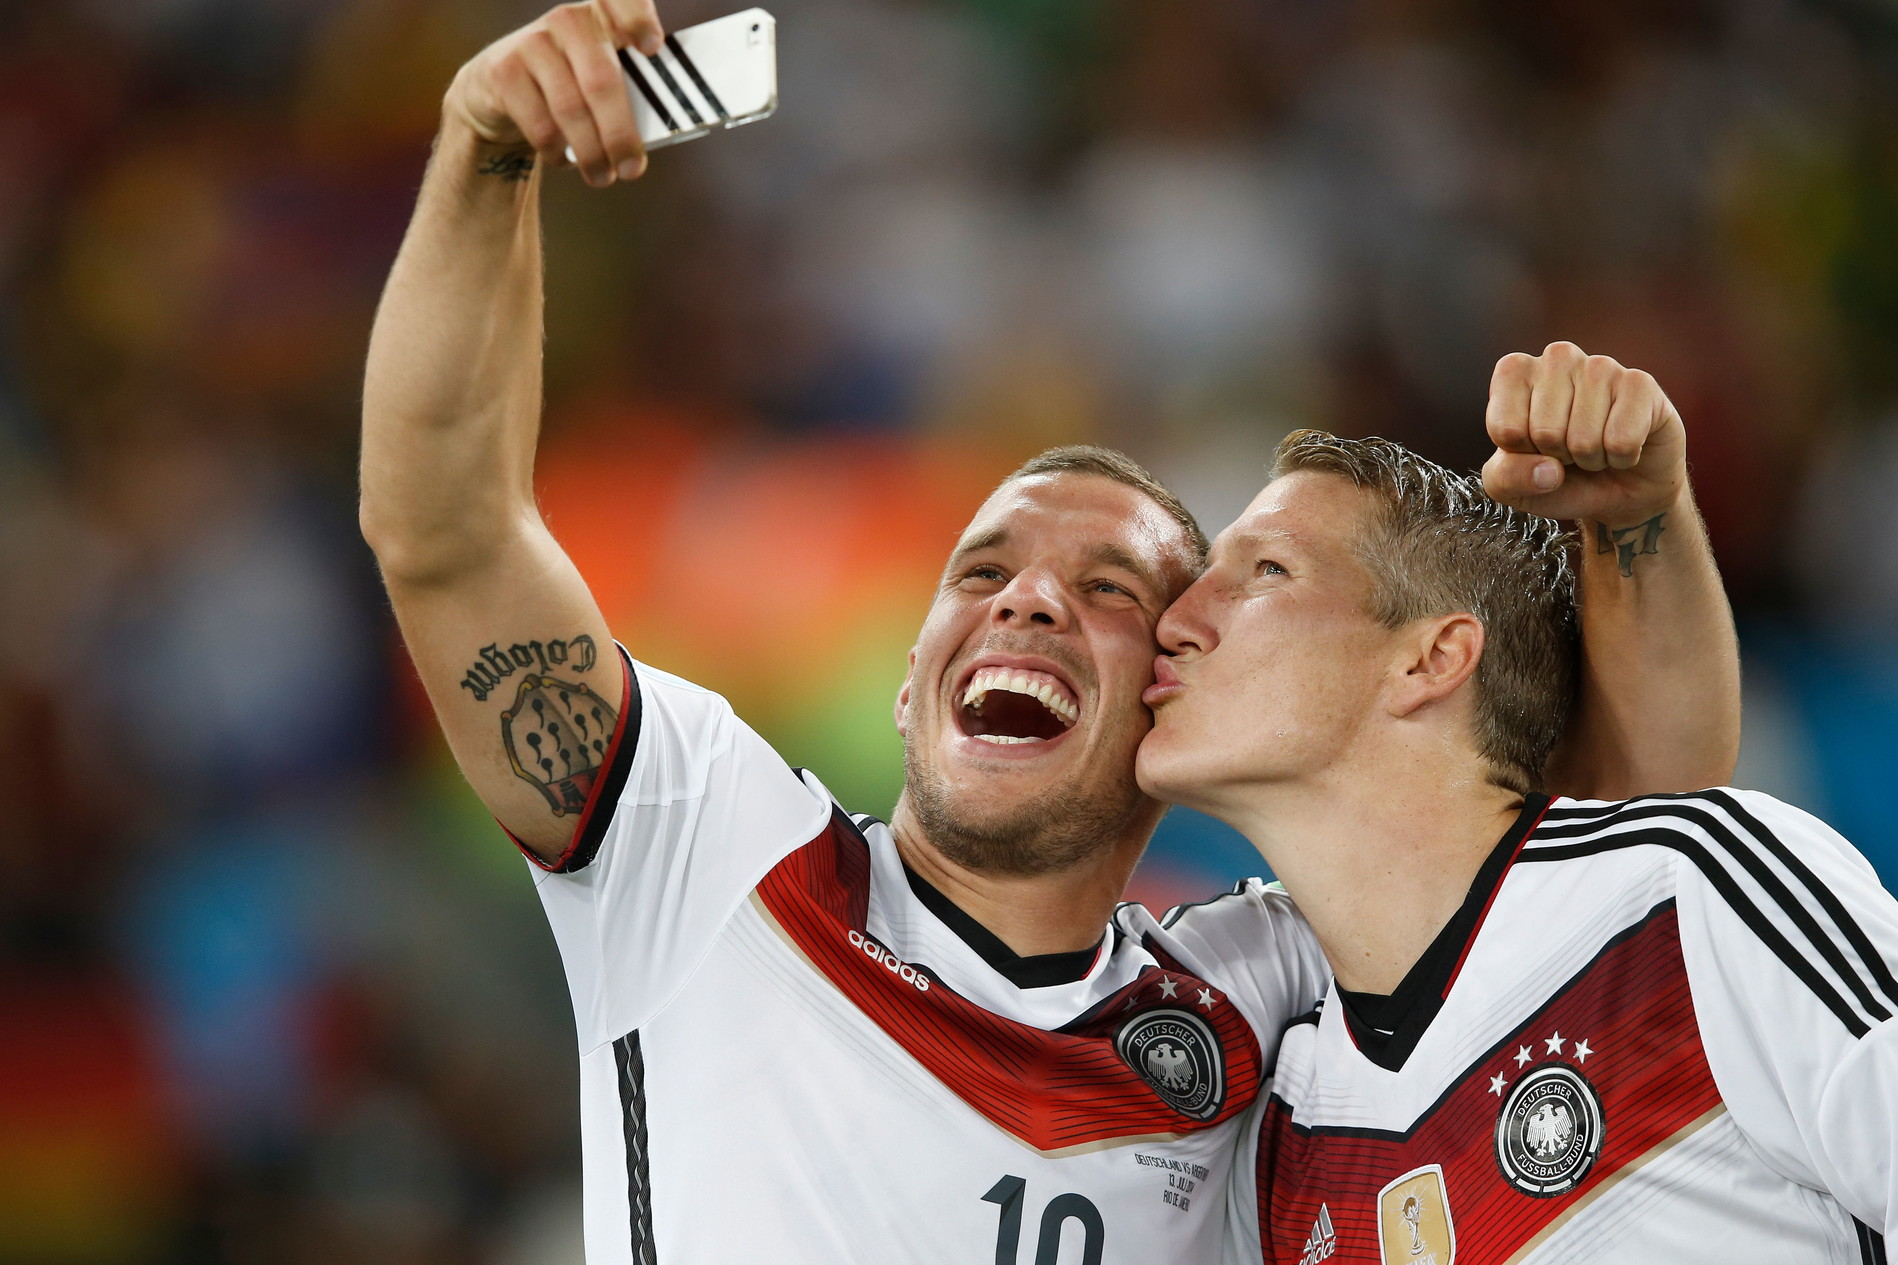 13 luglio 2014: Schweinsteiger e Podolski festeggiano il Mondiale vinto in Brasile